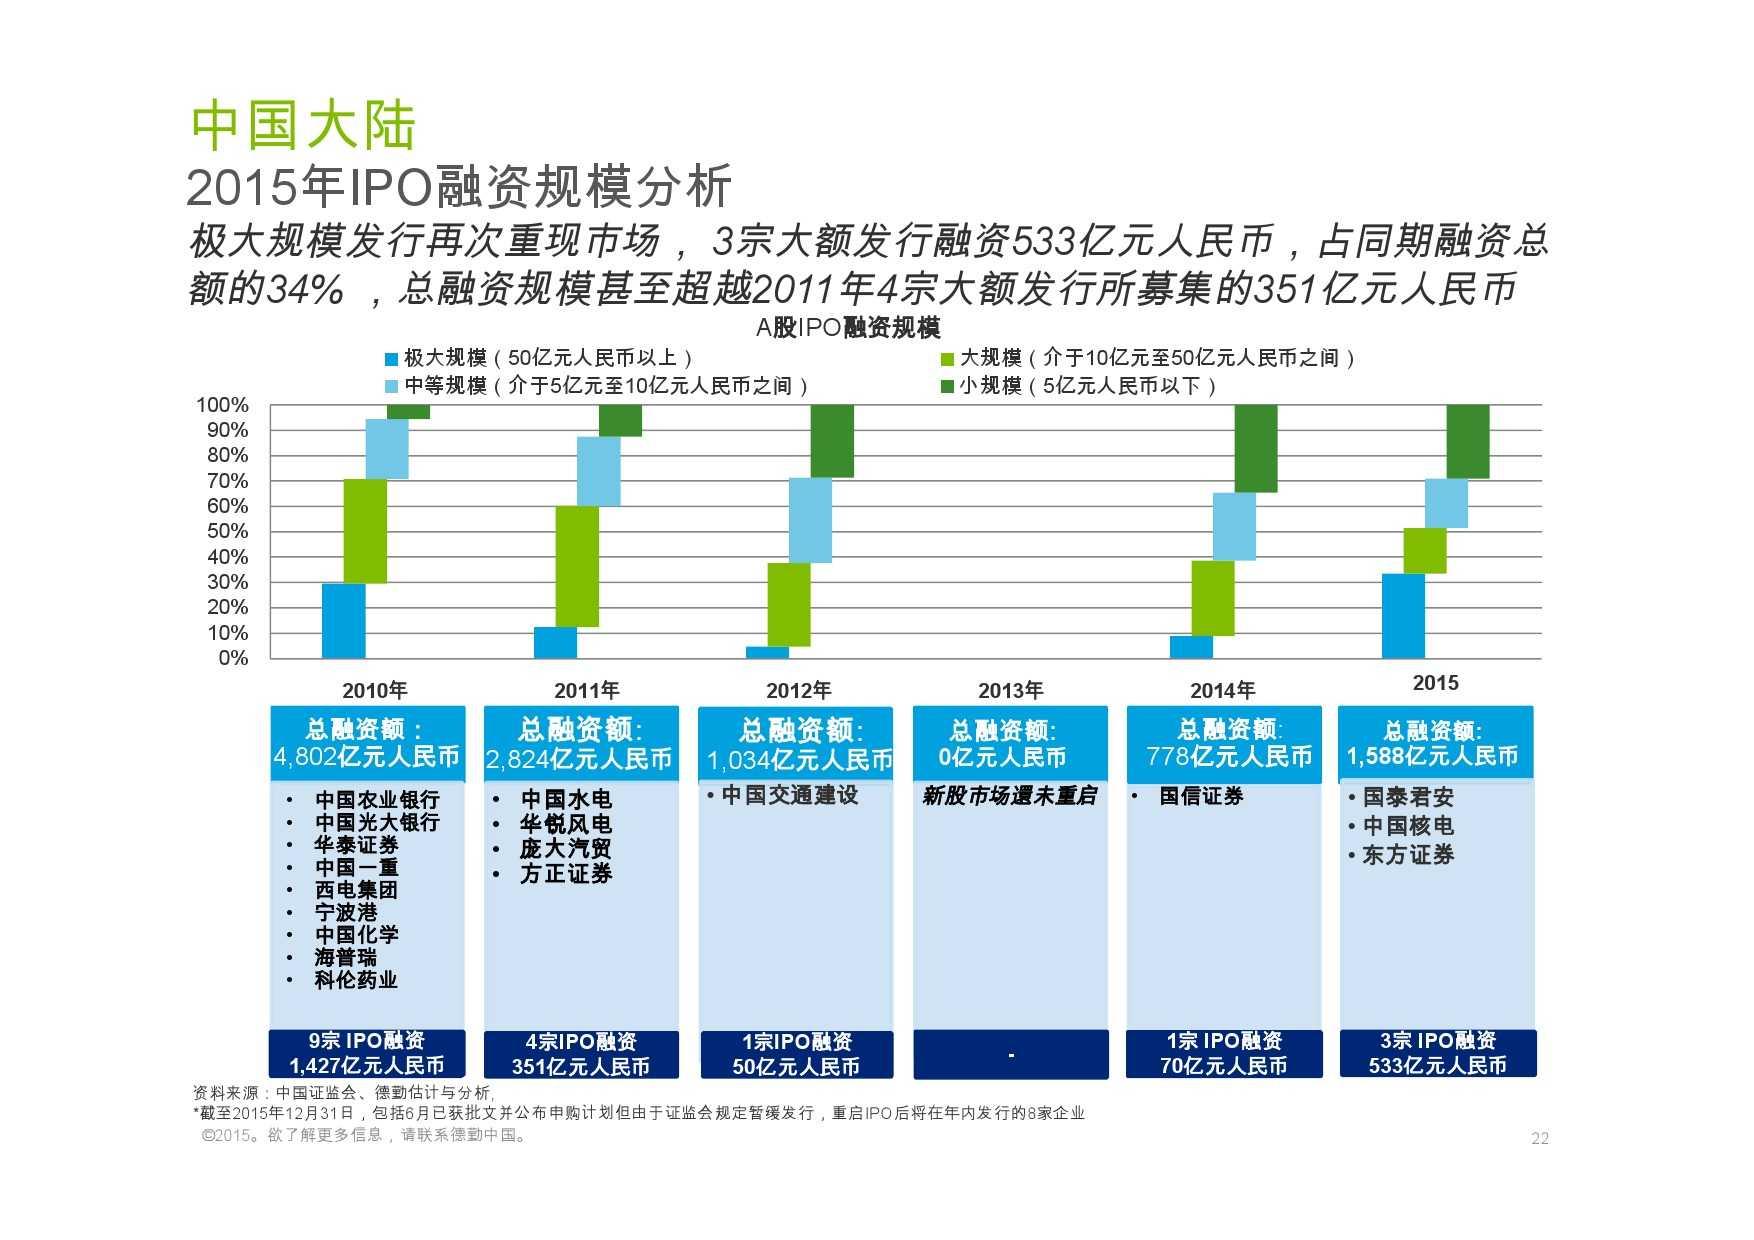 德勤:香港及中国大陆IPO巿场2015年回顾与2016年展望_000022